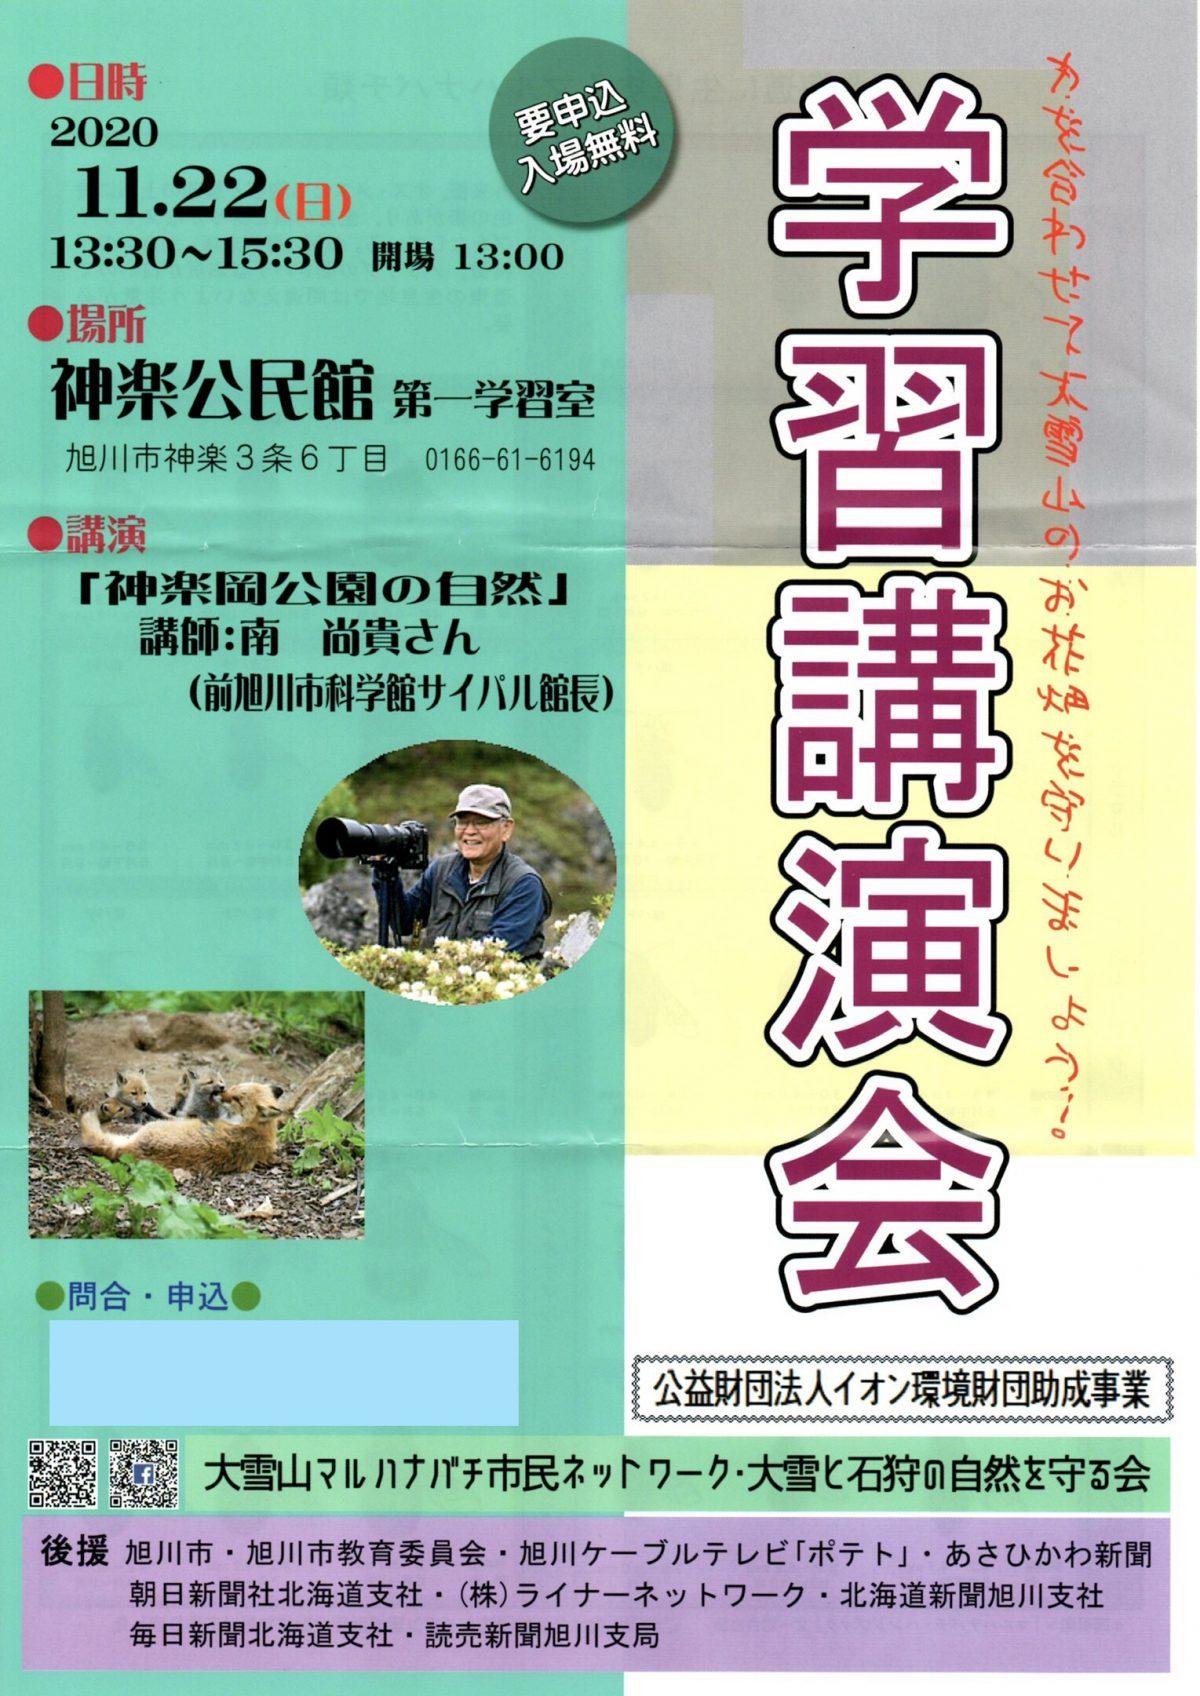 2020年11月22日 学習講演会「神楽岡公園の自然」